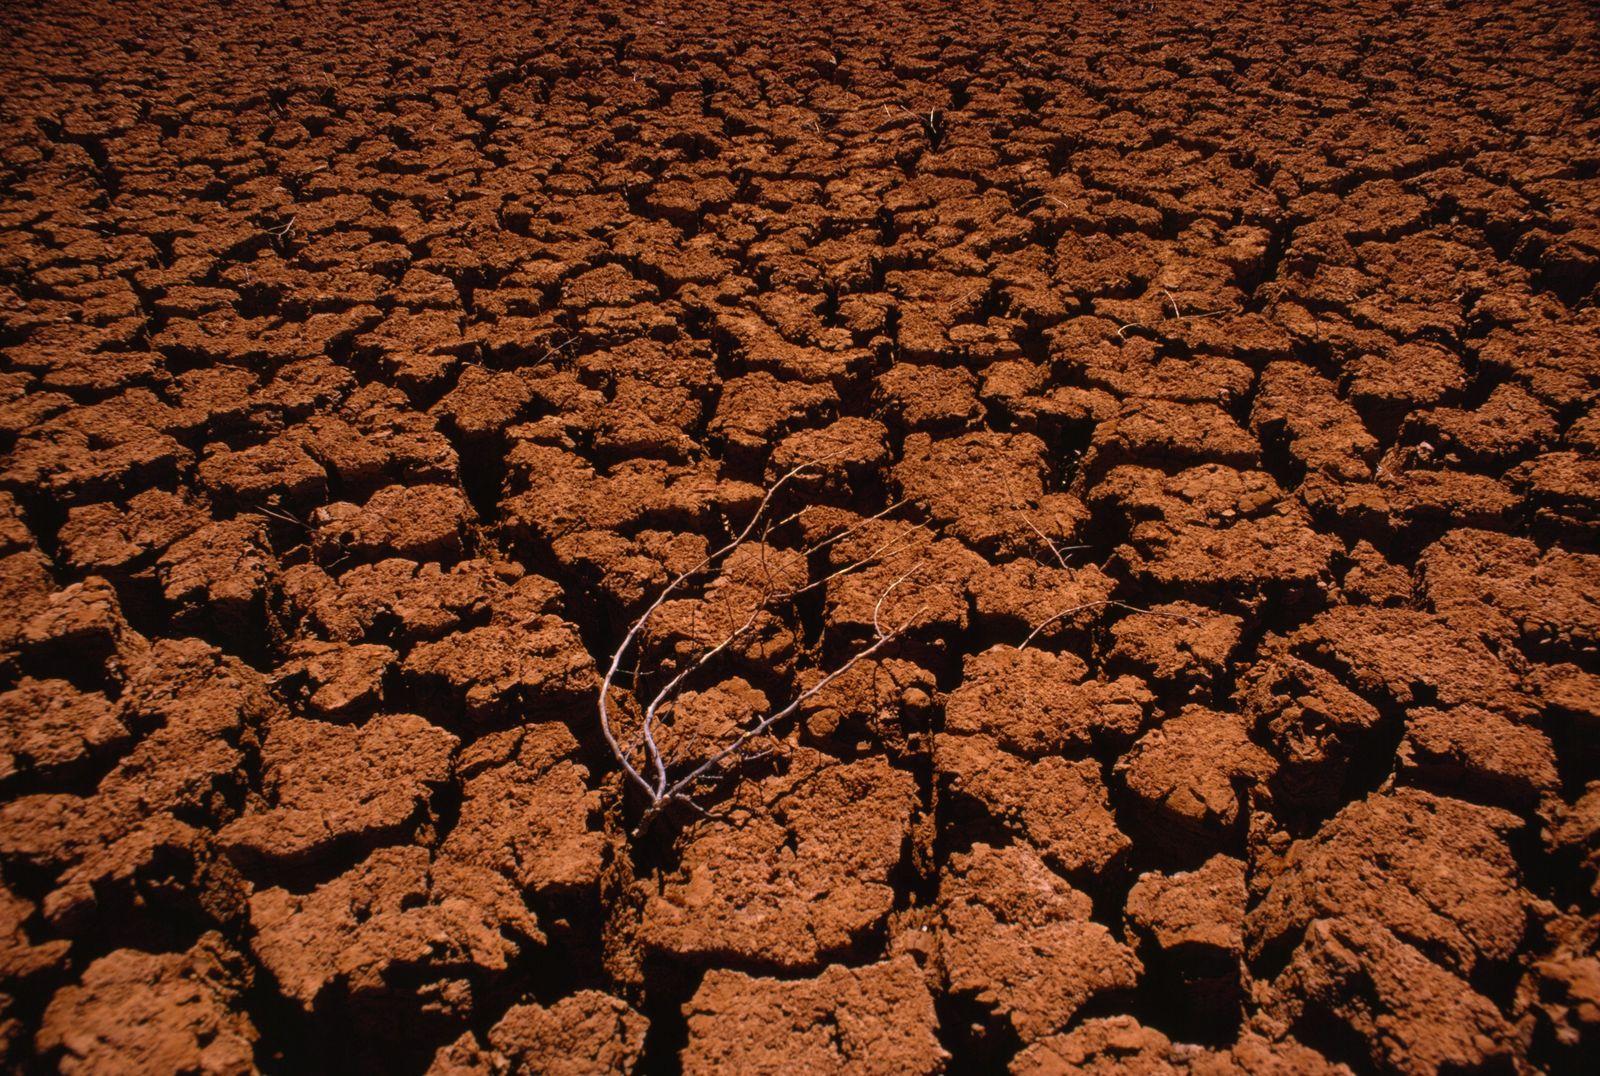 Sequías, clima extremo y hambrunas: el cambio climático afectará gravemente al Mediterráneo